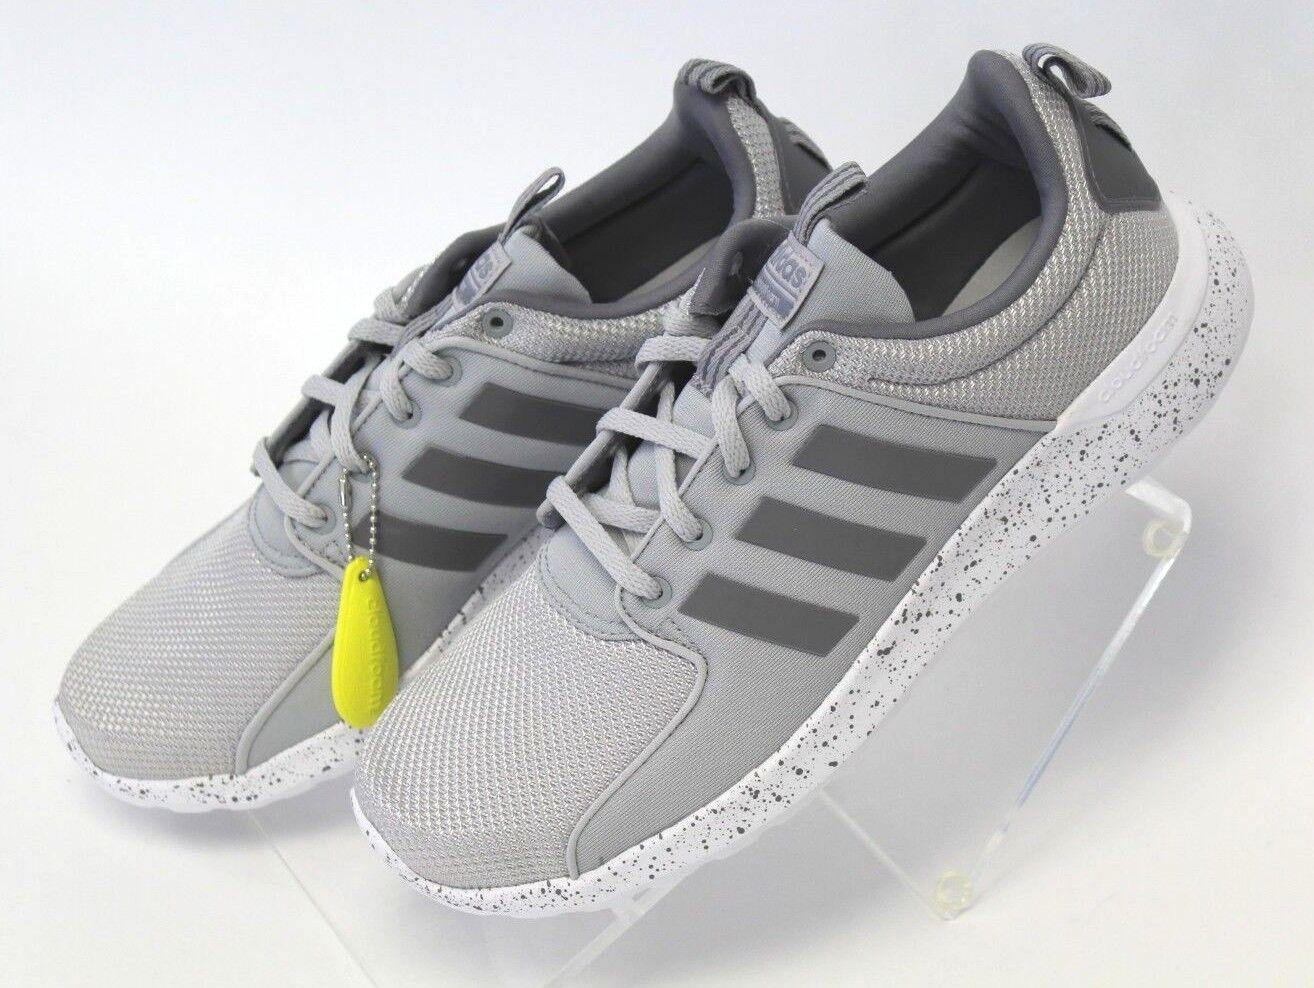 adidas racer les fc lite racer adidas chaussure de course, Gris blanc, 9 m f24f31